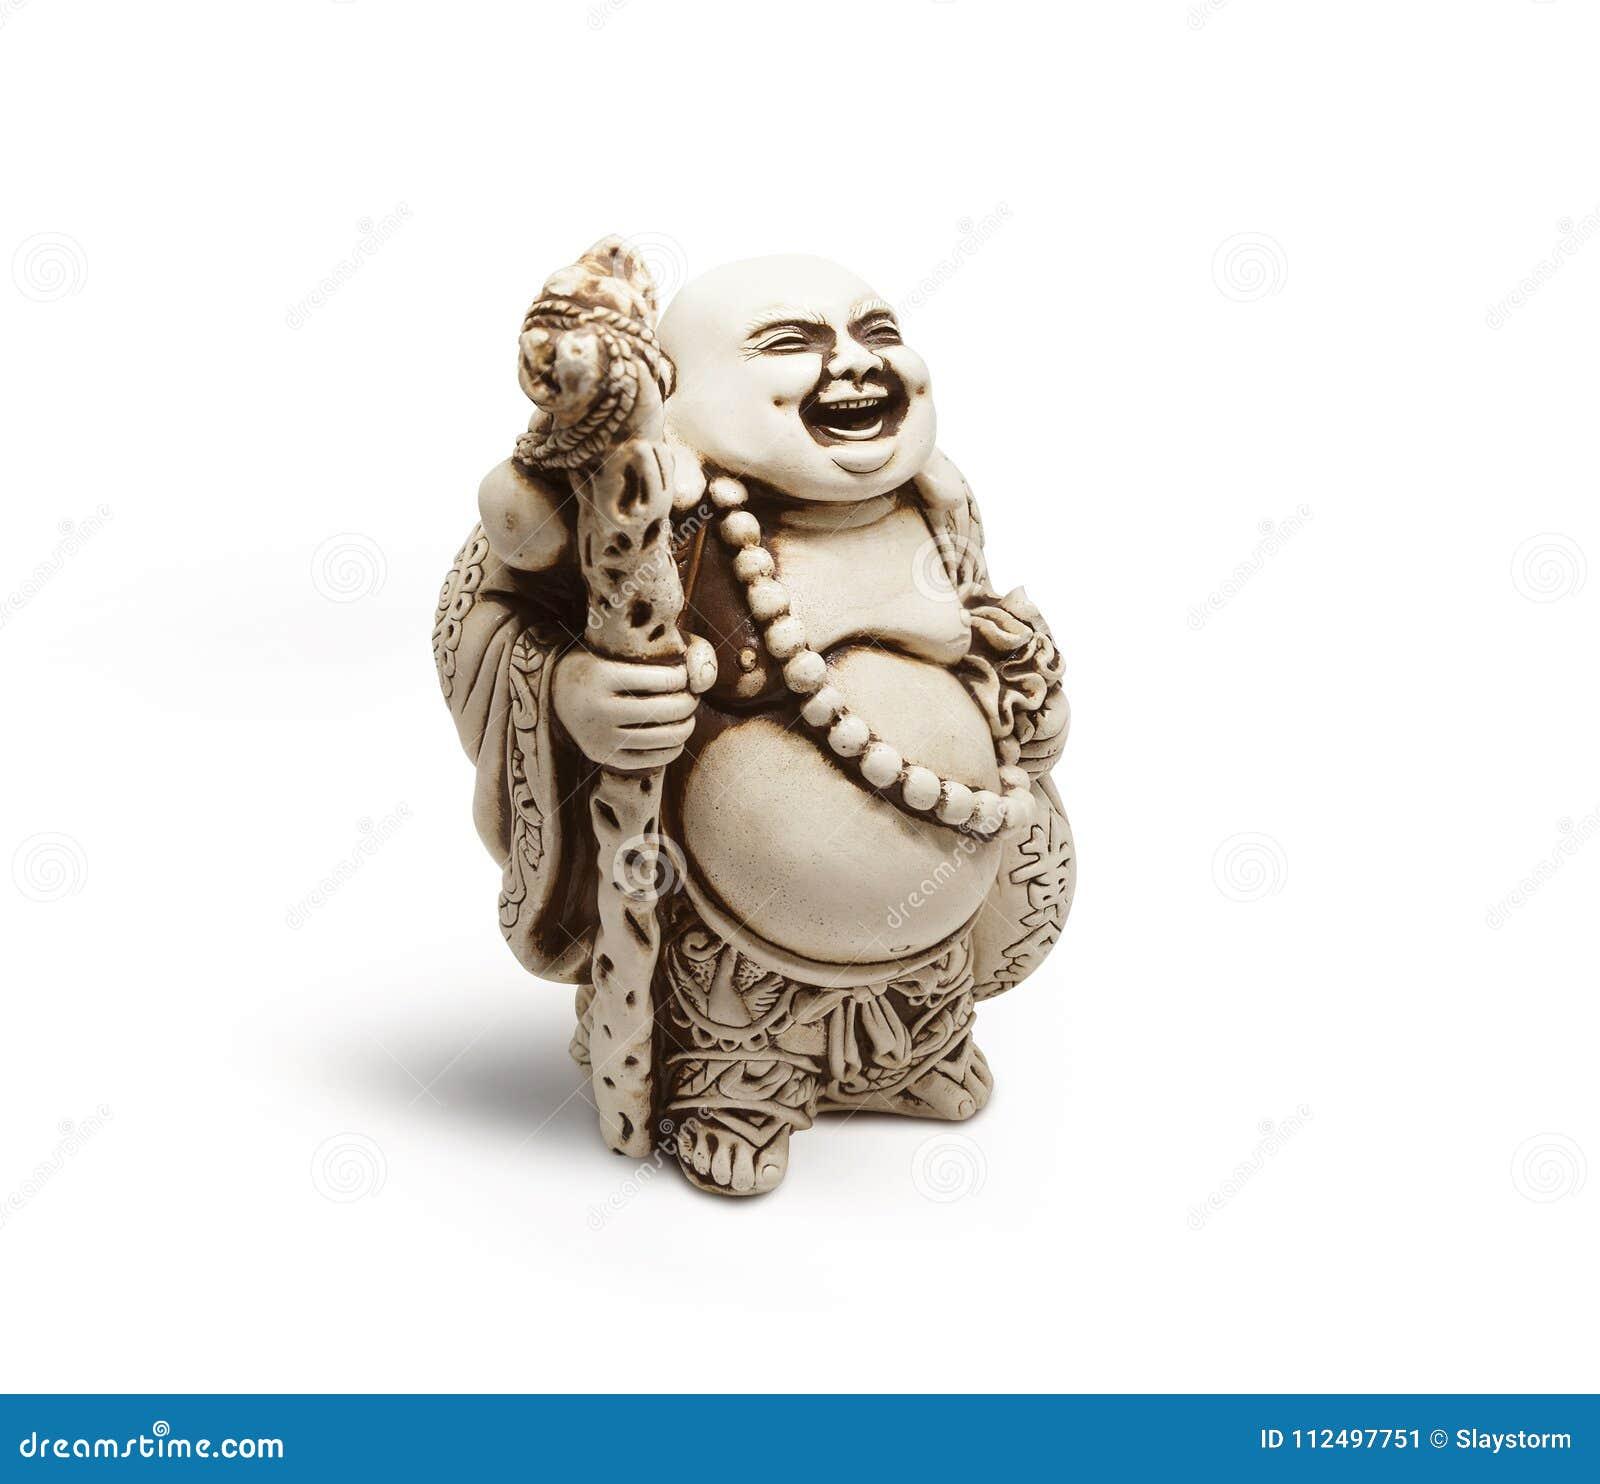 Asiatische dekorative Figürchen Hotai, Amulett holt Glück